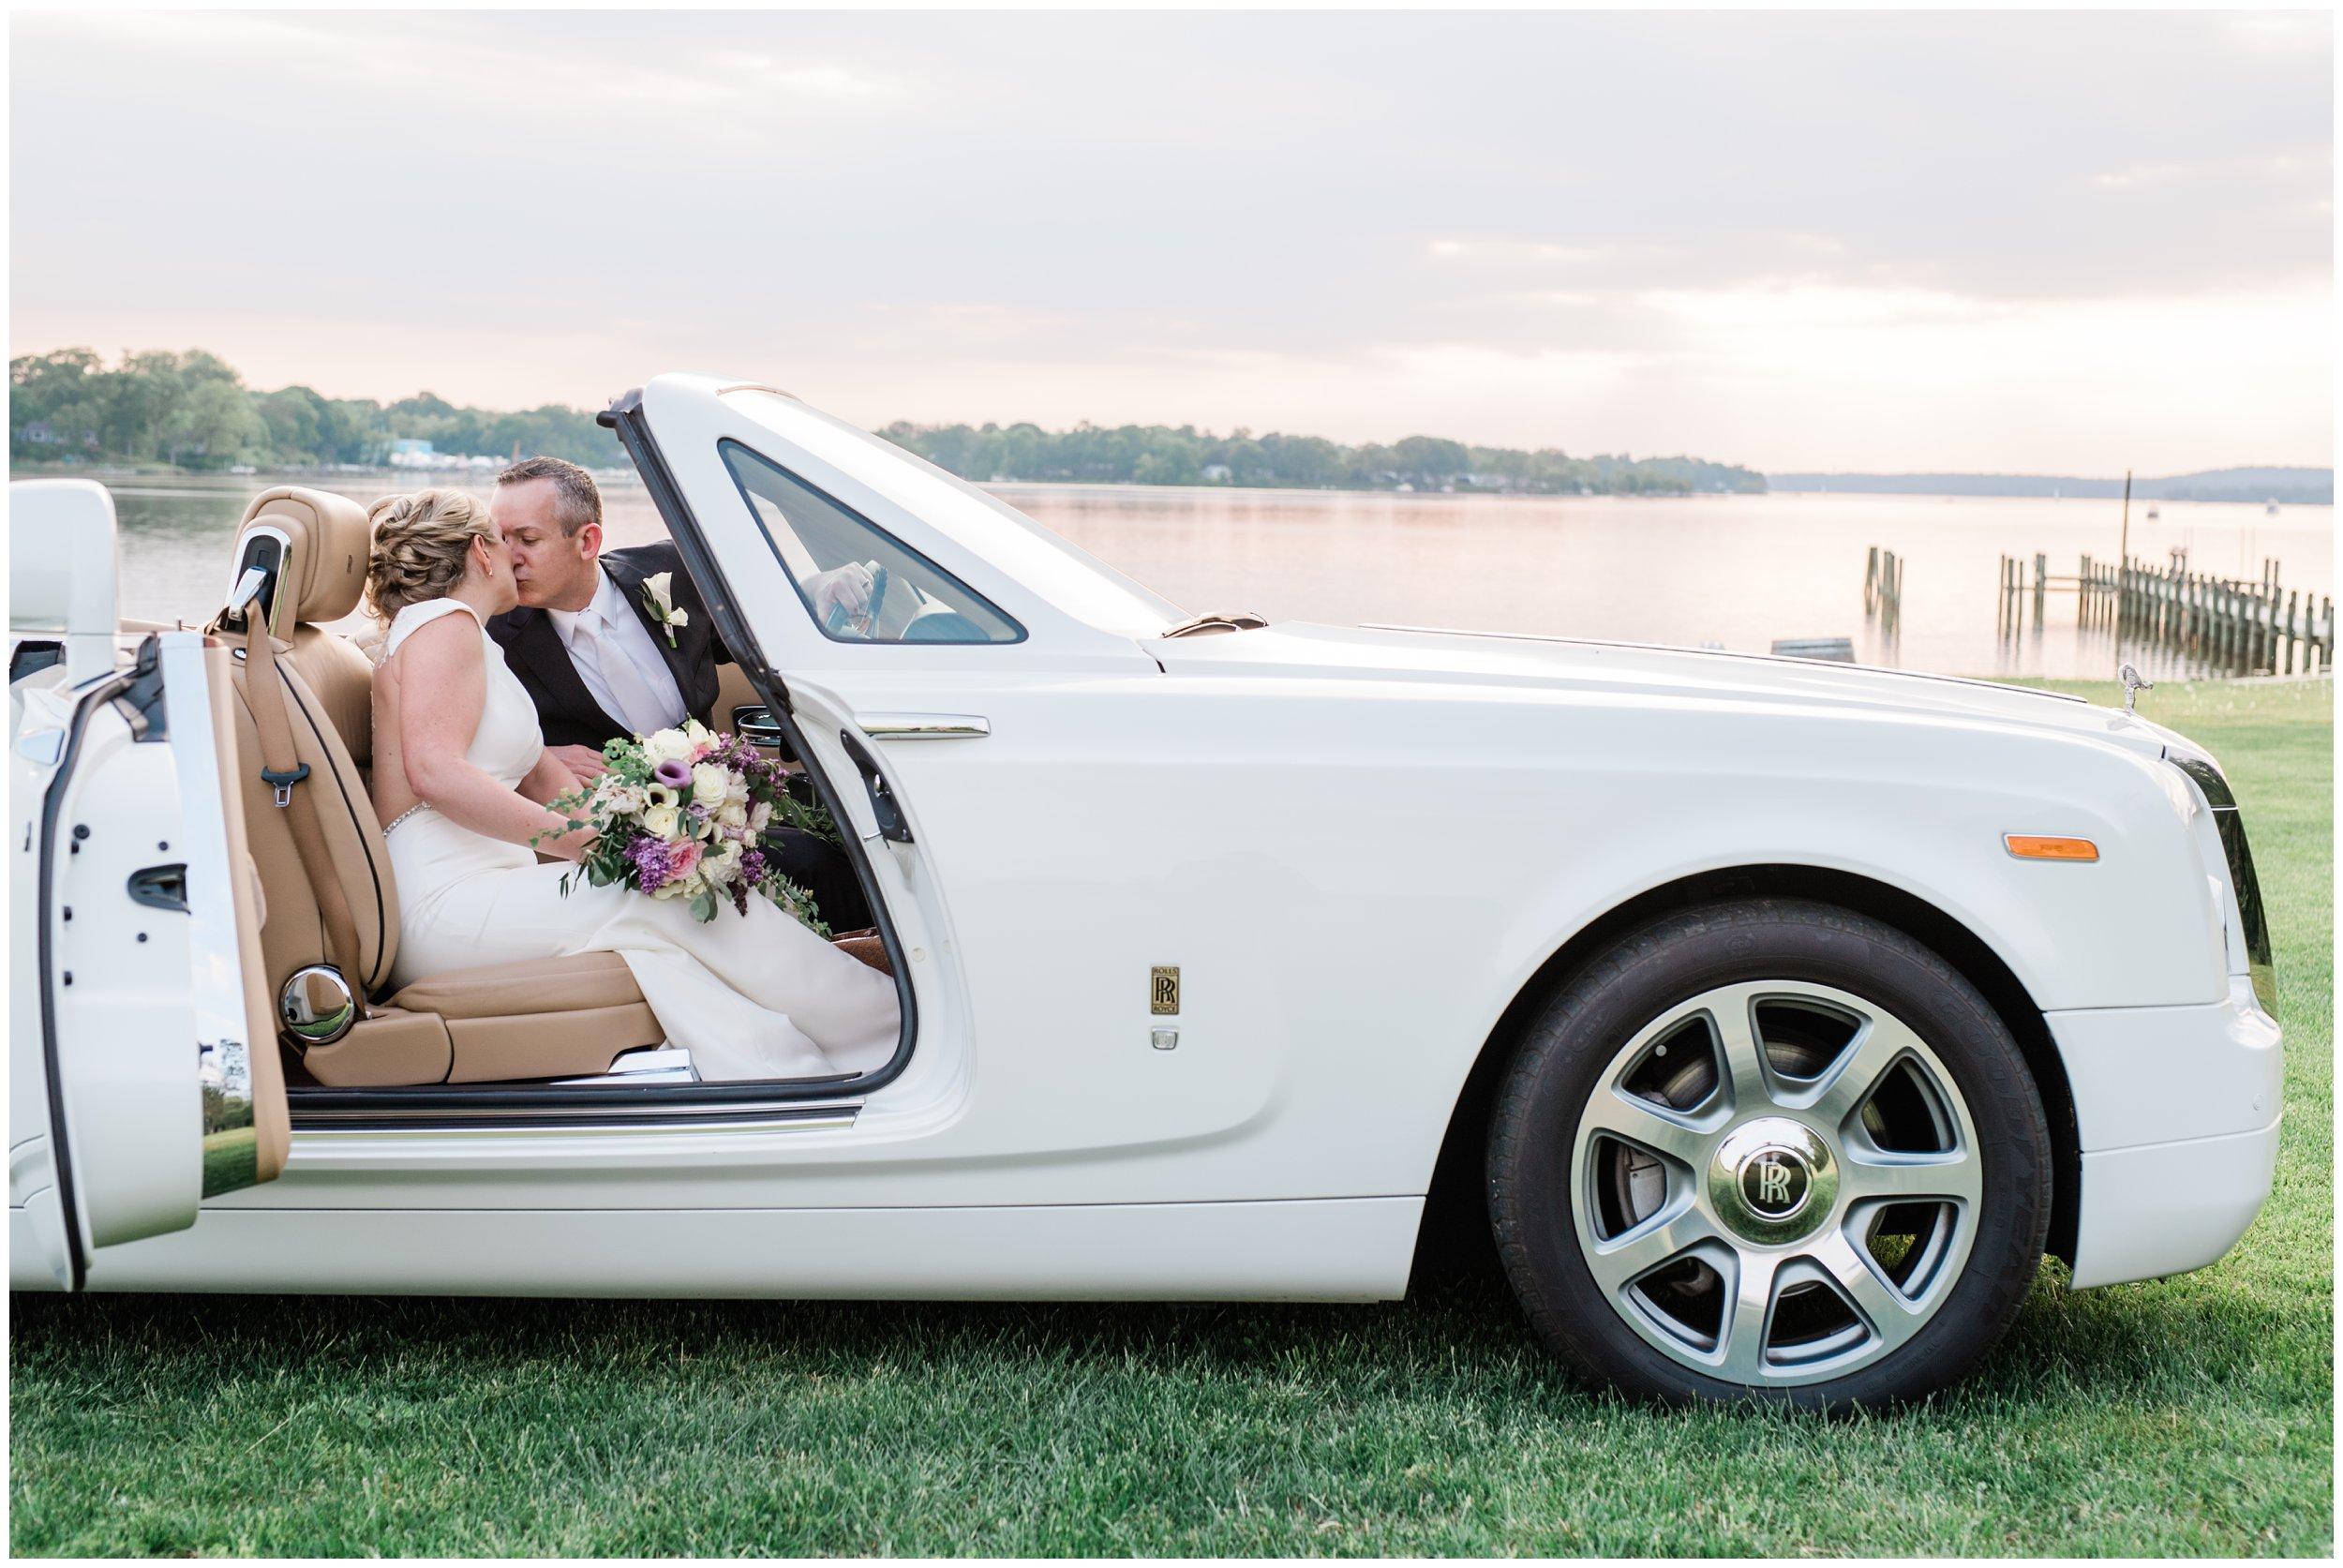 newlyweds in rolls royce